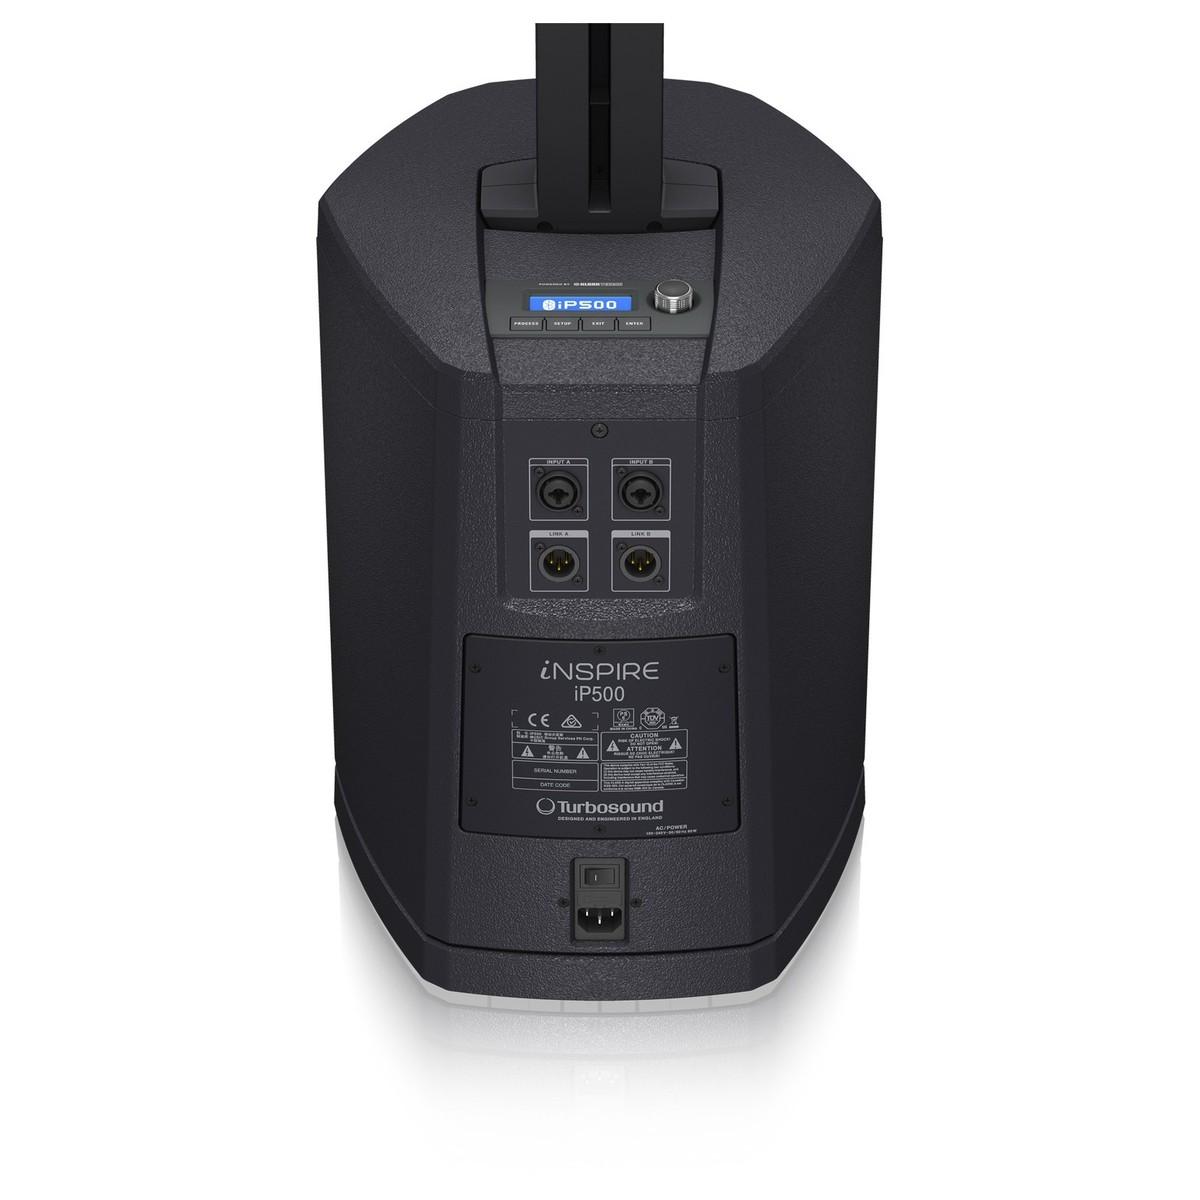 Turbosound Inspire Ip500 : turbosound inspire ip500 pa speaker at ~ Russianpoet.info Haus und Dekorationen